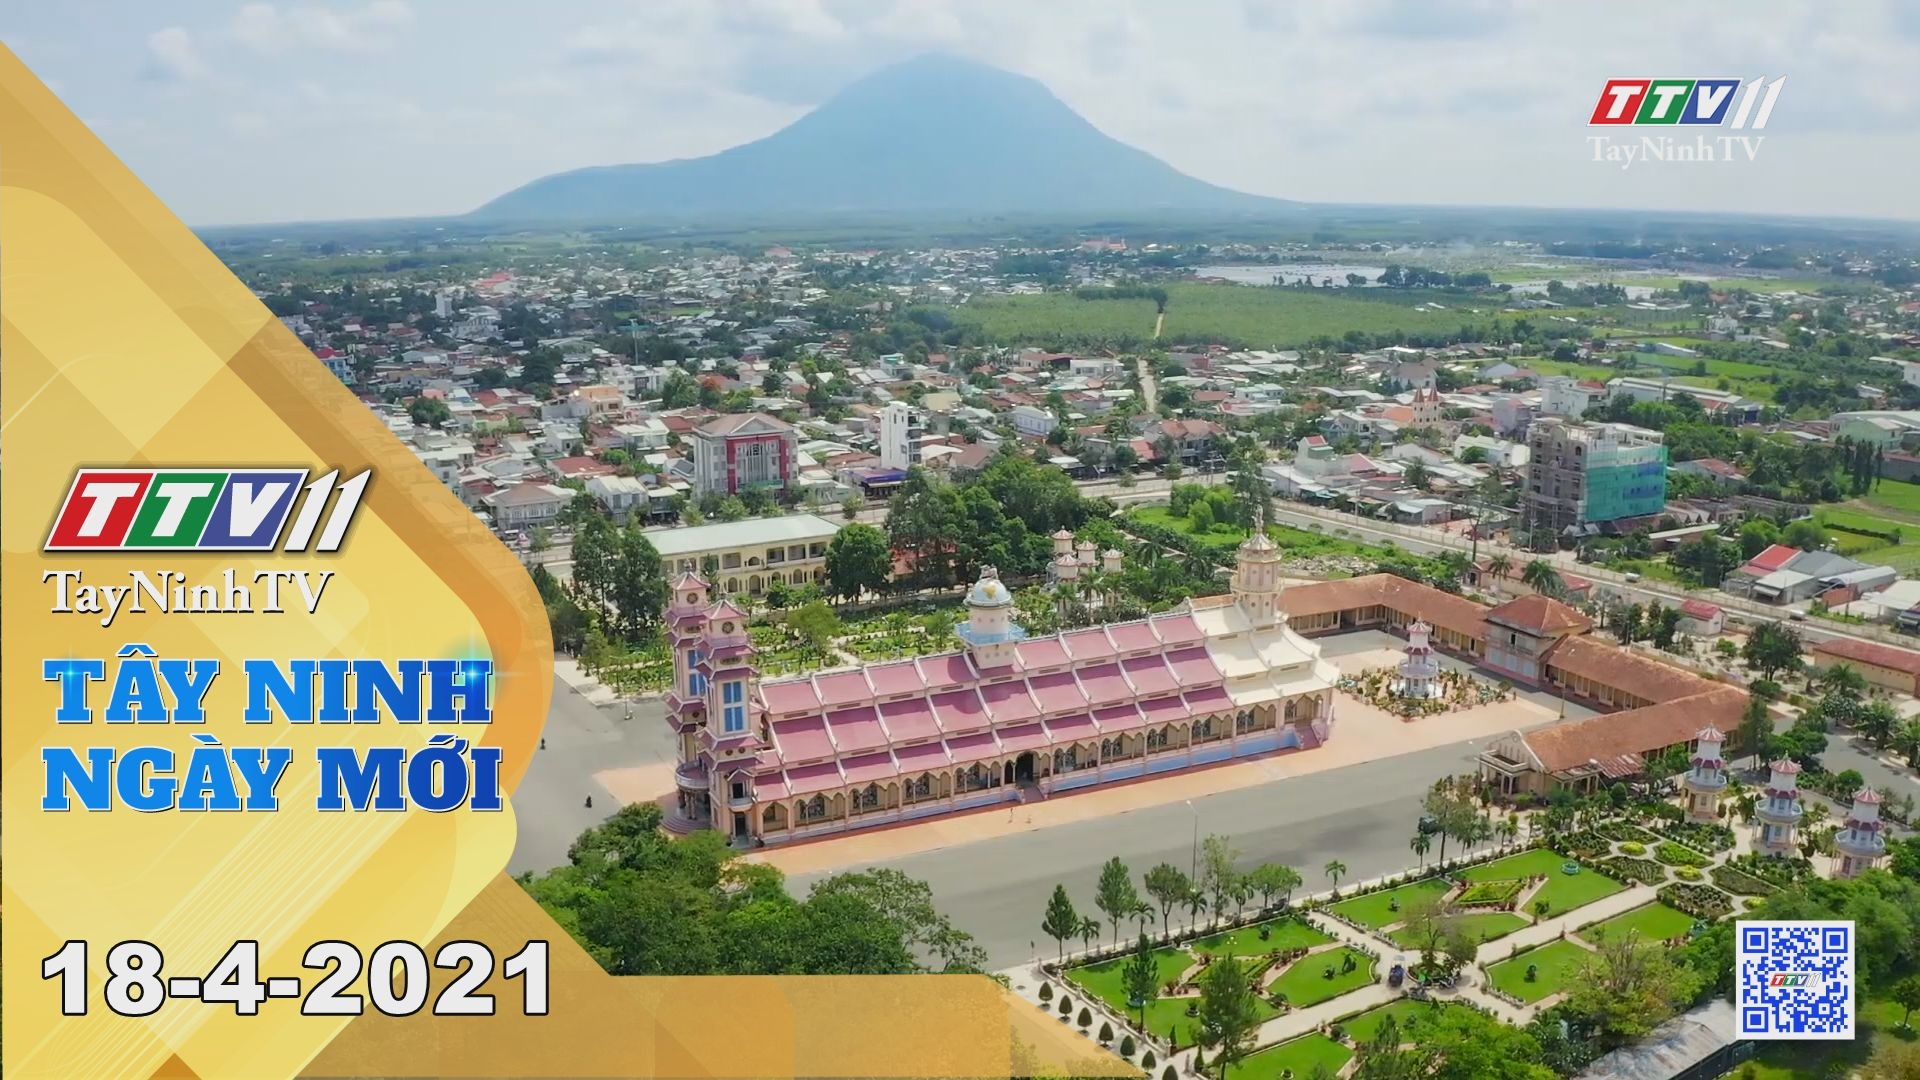 Tây Ninh Ngày Mới 18-4-2021 | Tin tức hôm nay | TayNinhTV